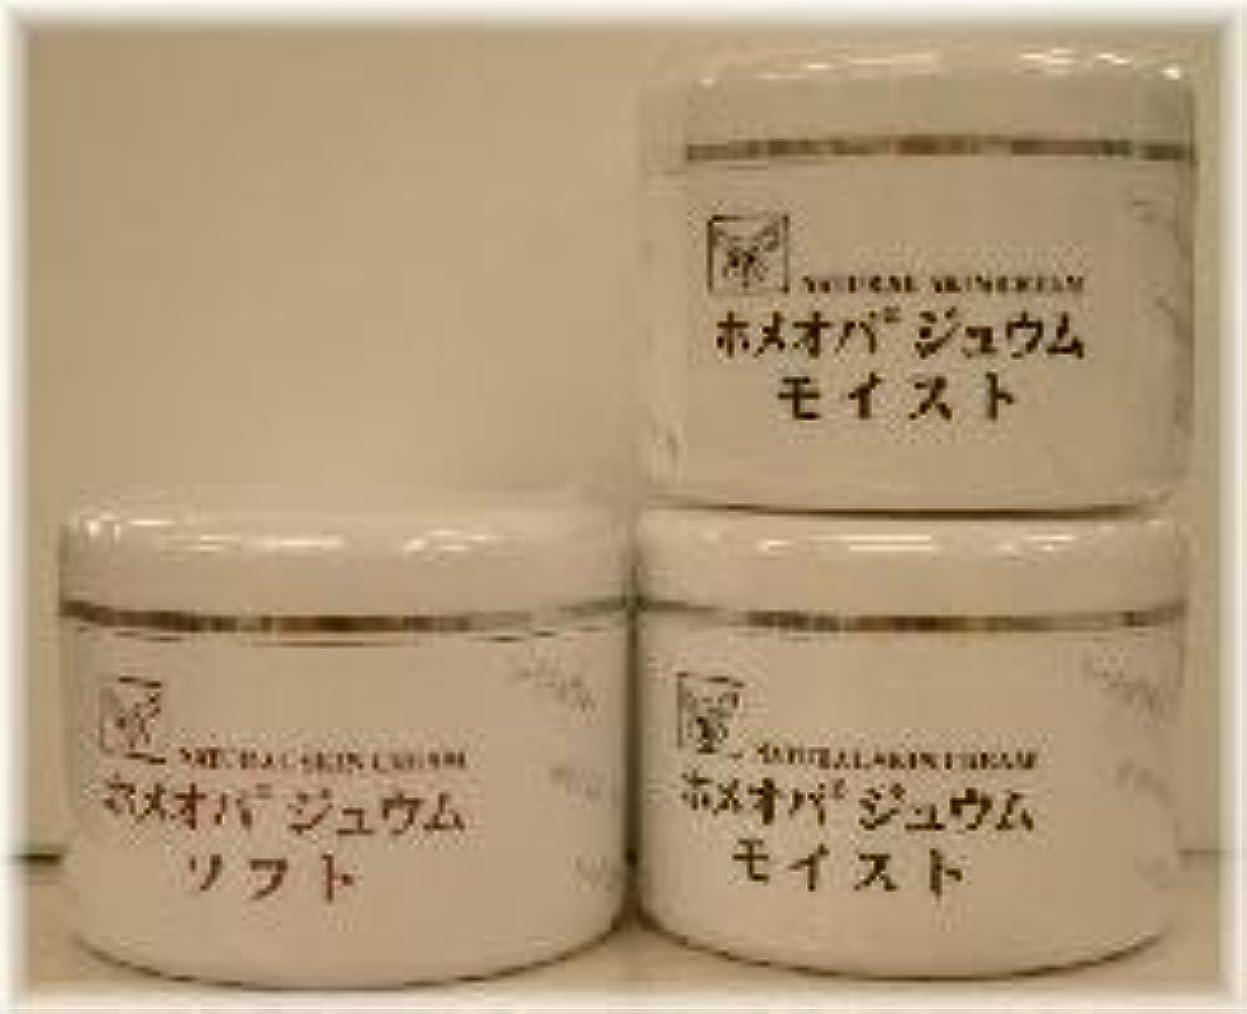 製作パットエンティティホメオパジュウム スキンケア商品3点 ¥10500クリームモイスト2個+クリームソフト